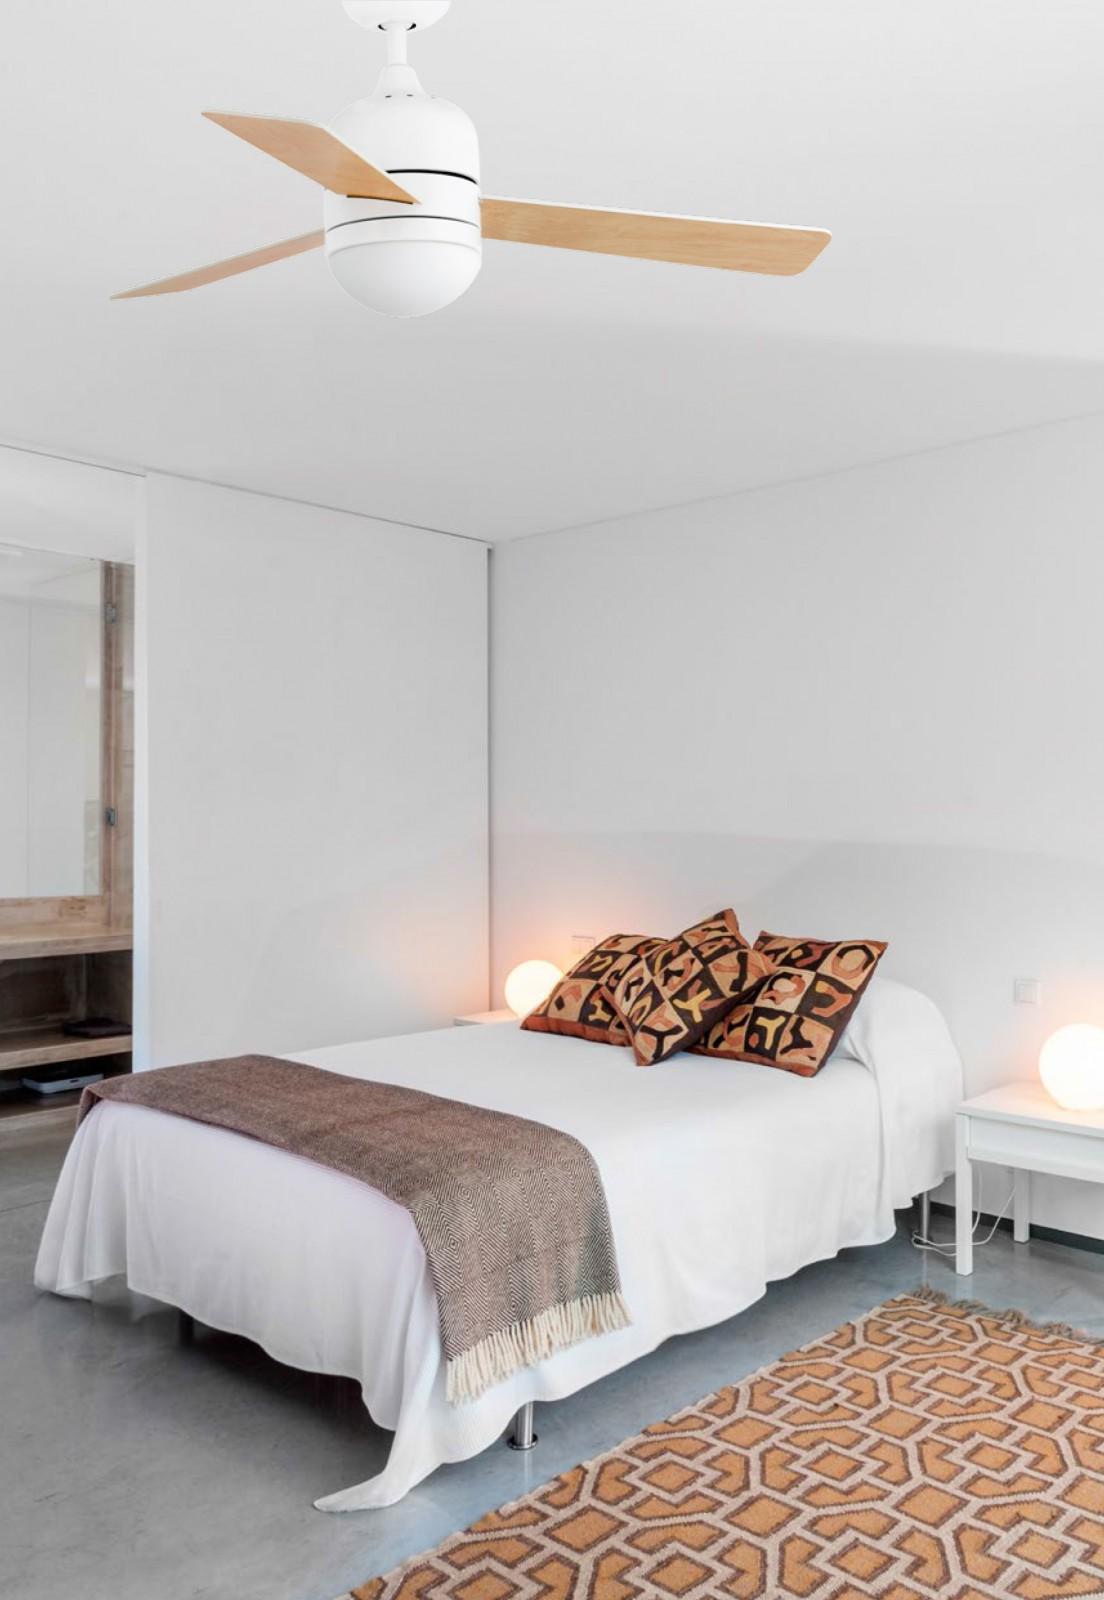 deckenventilator cebu wei 106 cm mit beleuchtung von faro. Black Bedroom Furniture Sets. Home Design Ideas